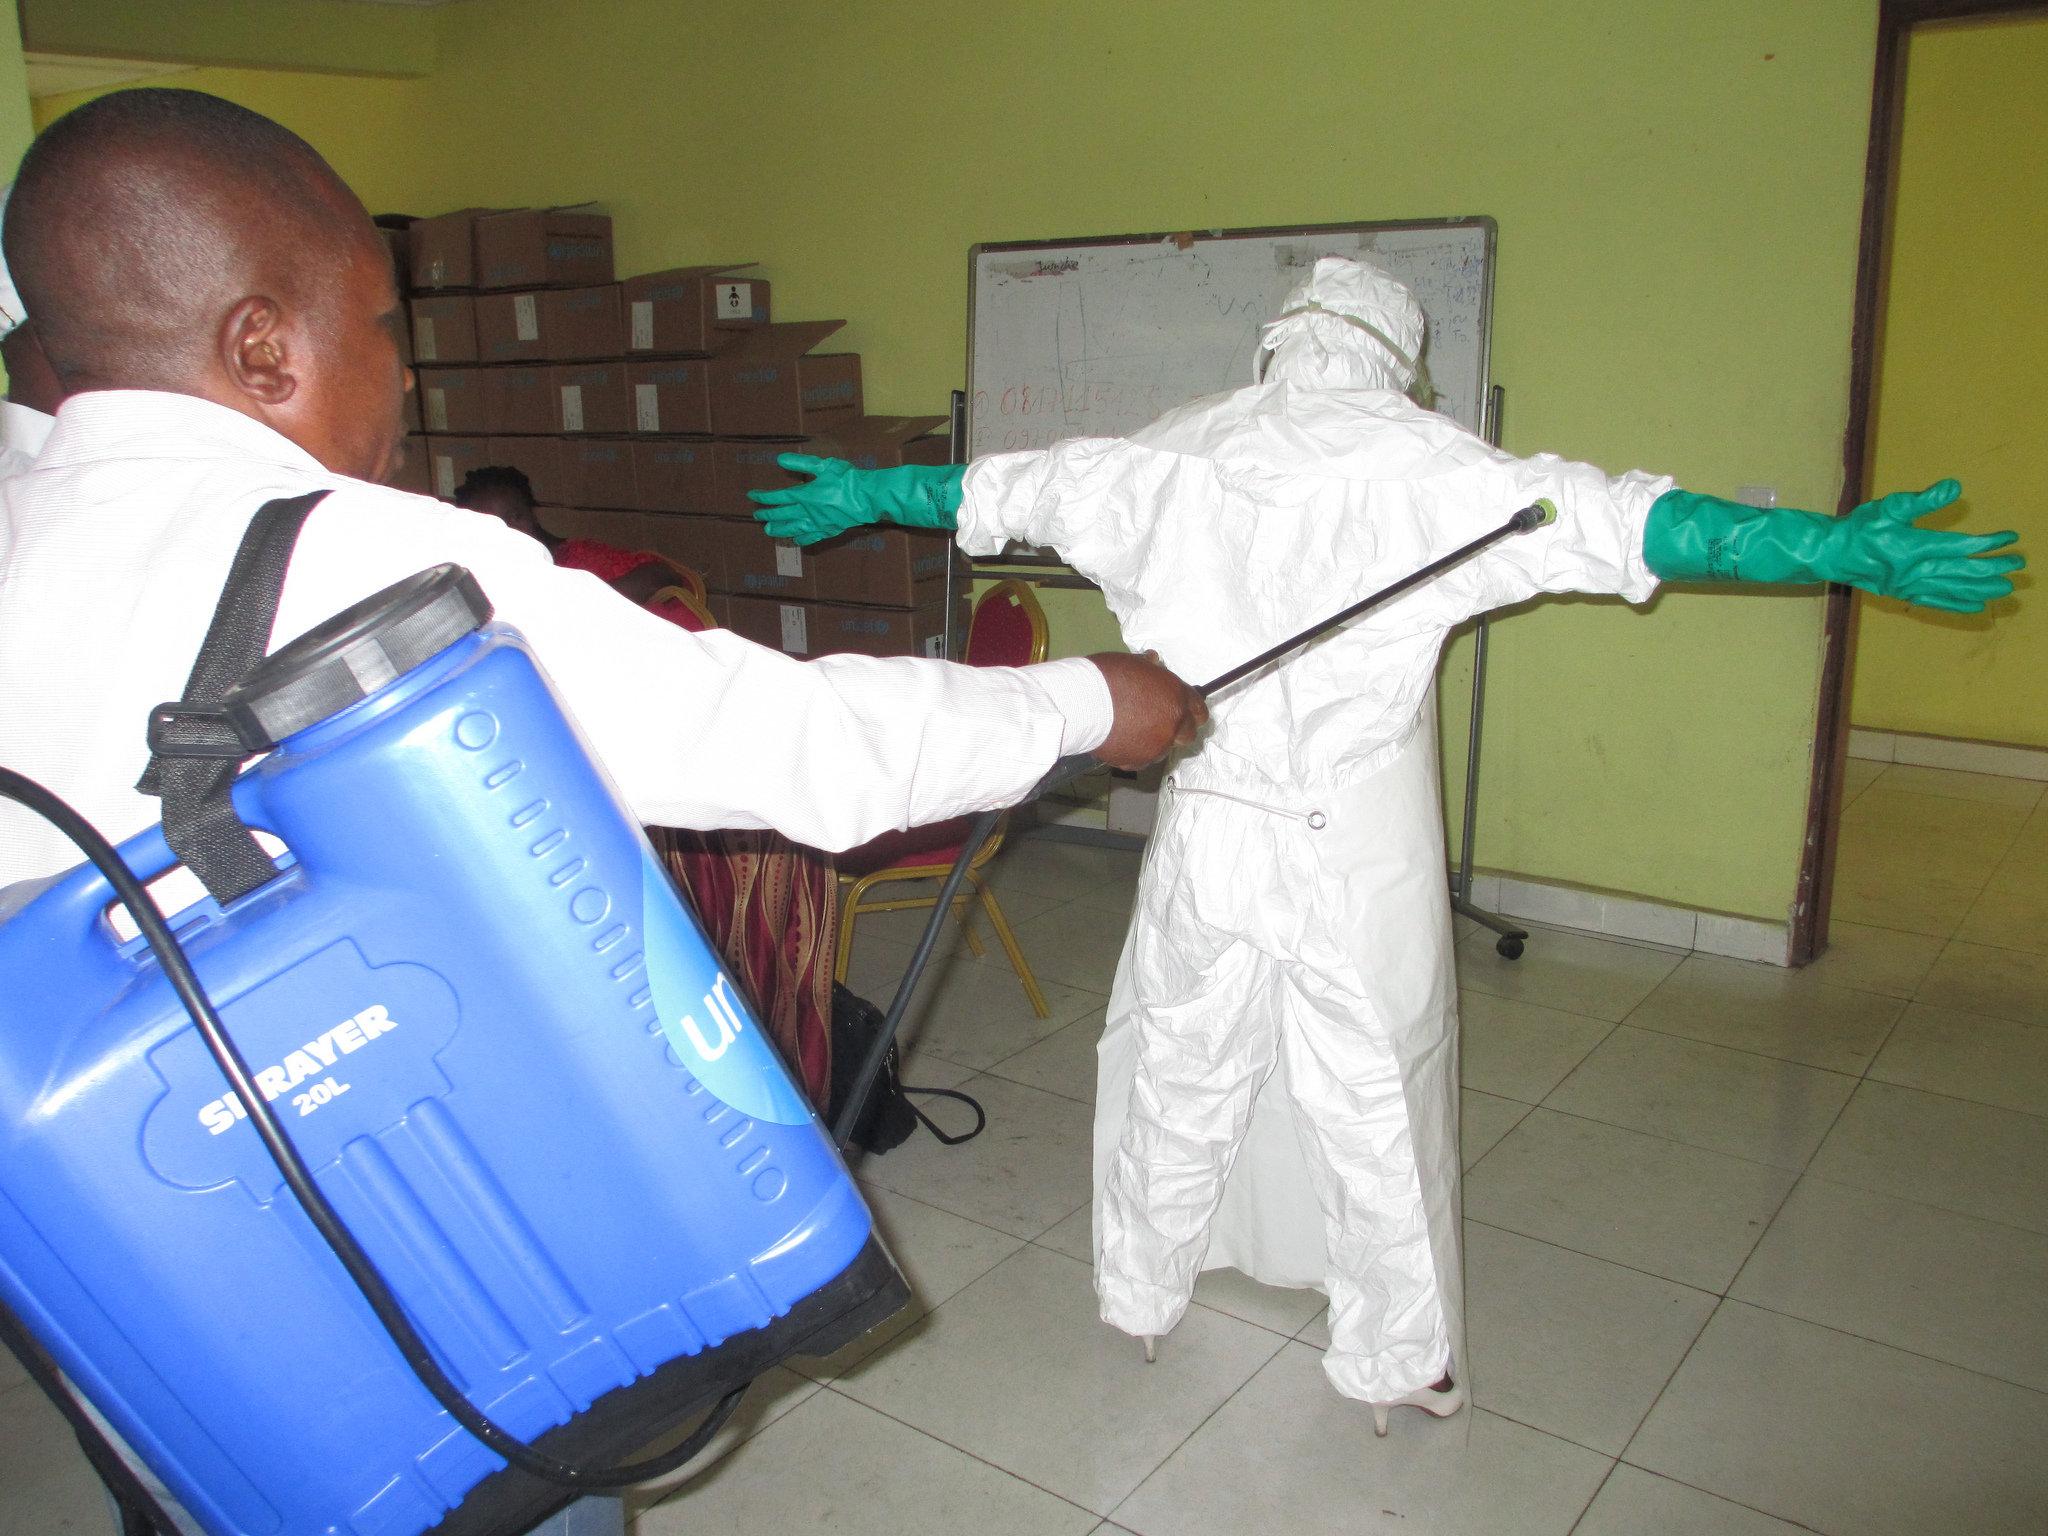 Decontamination training